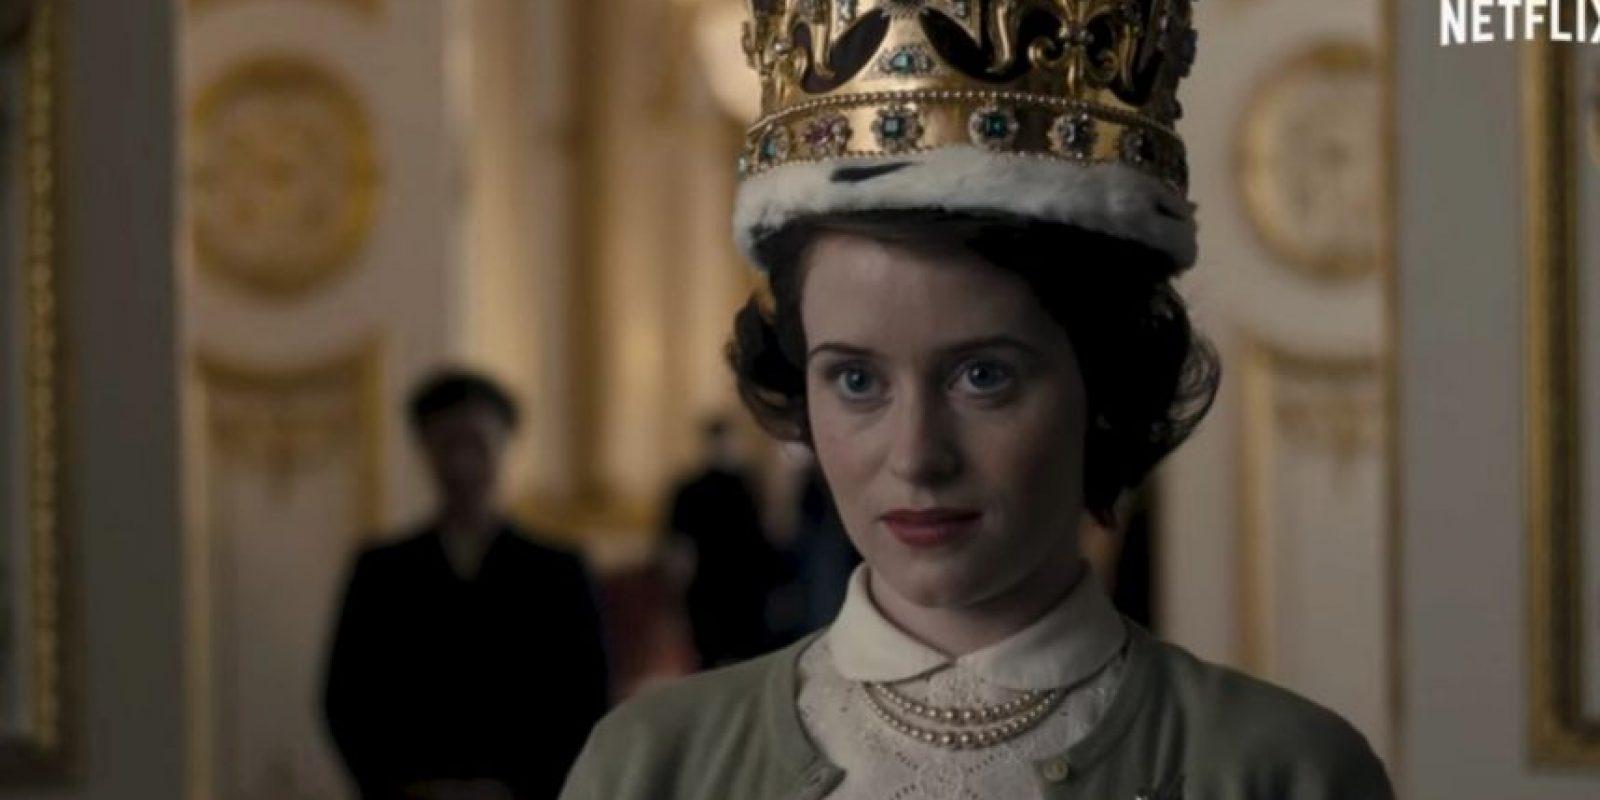 Esta historia narra las rivalidades políticas y el romance detrás del reinado de la reina Isabel II y de los sucesos que moldearon la segunda mitad del siglo XX. Foto:Netflix